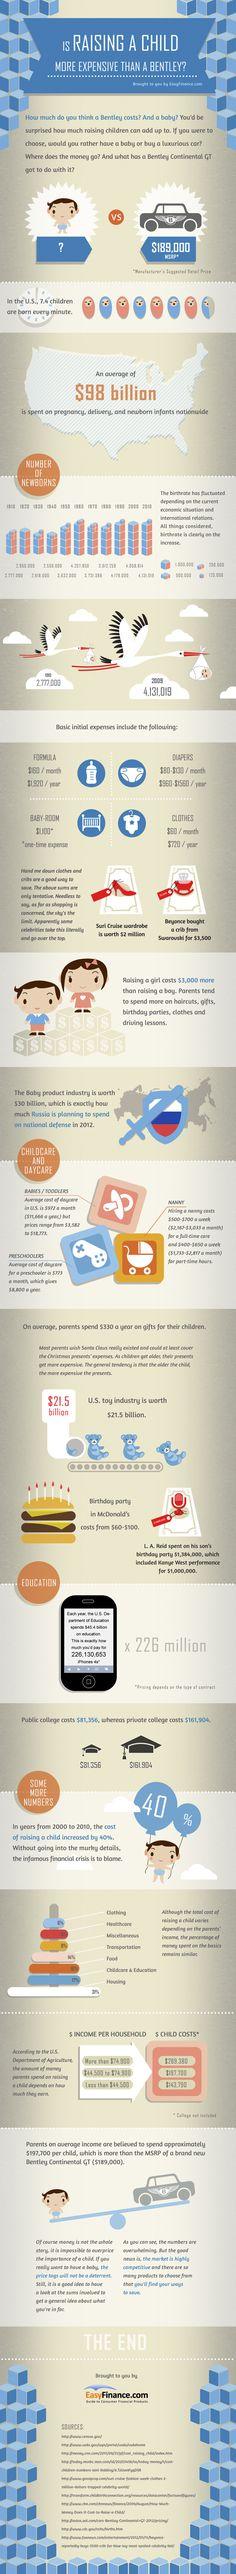 Criar un hijo es  mas caro que comprar un Bentley